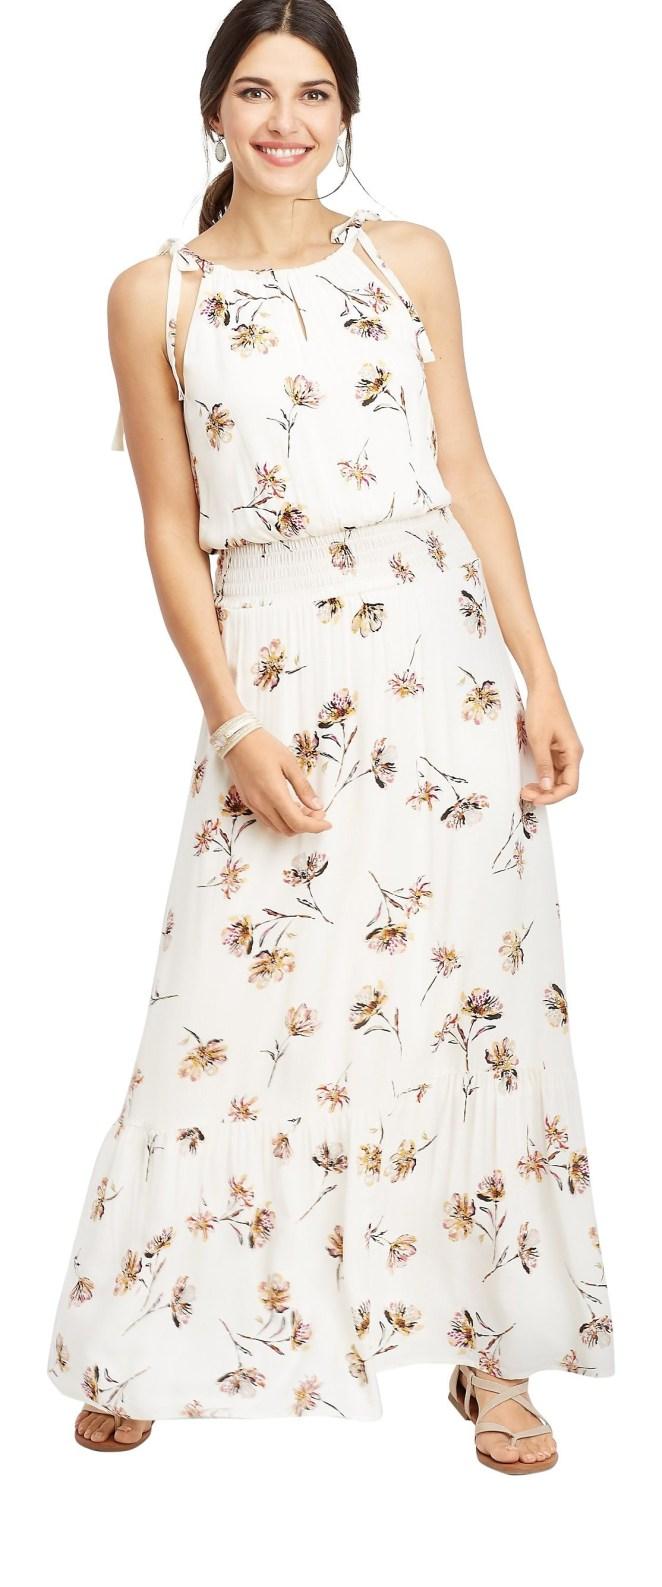 38e516aa8a42 Long Maxi Dresses Walmart – DACC